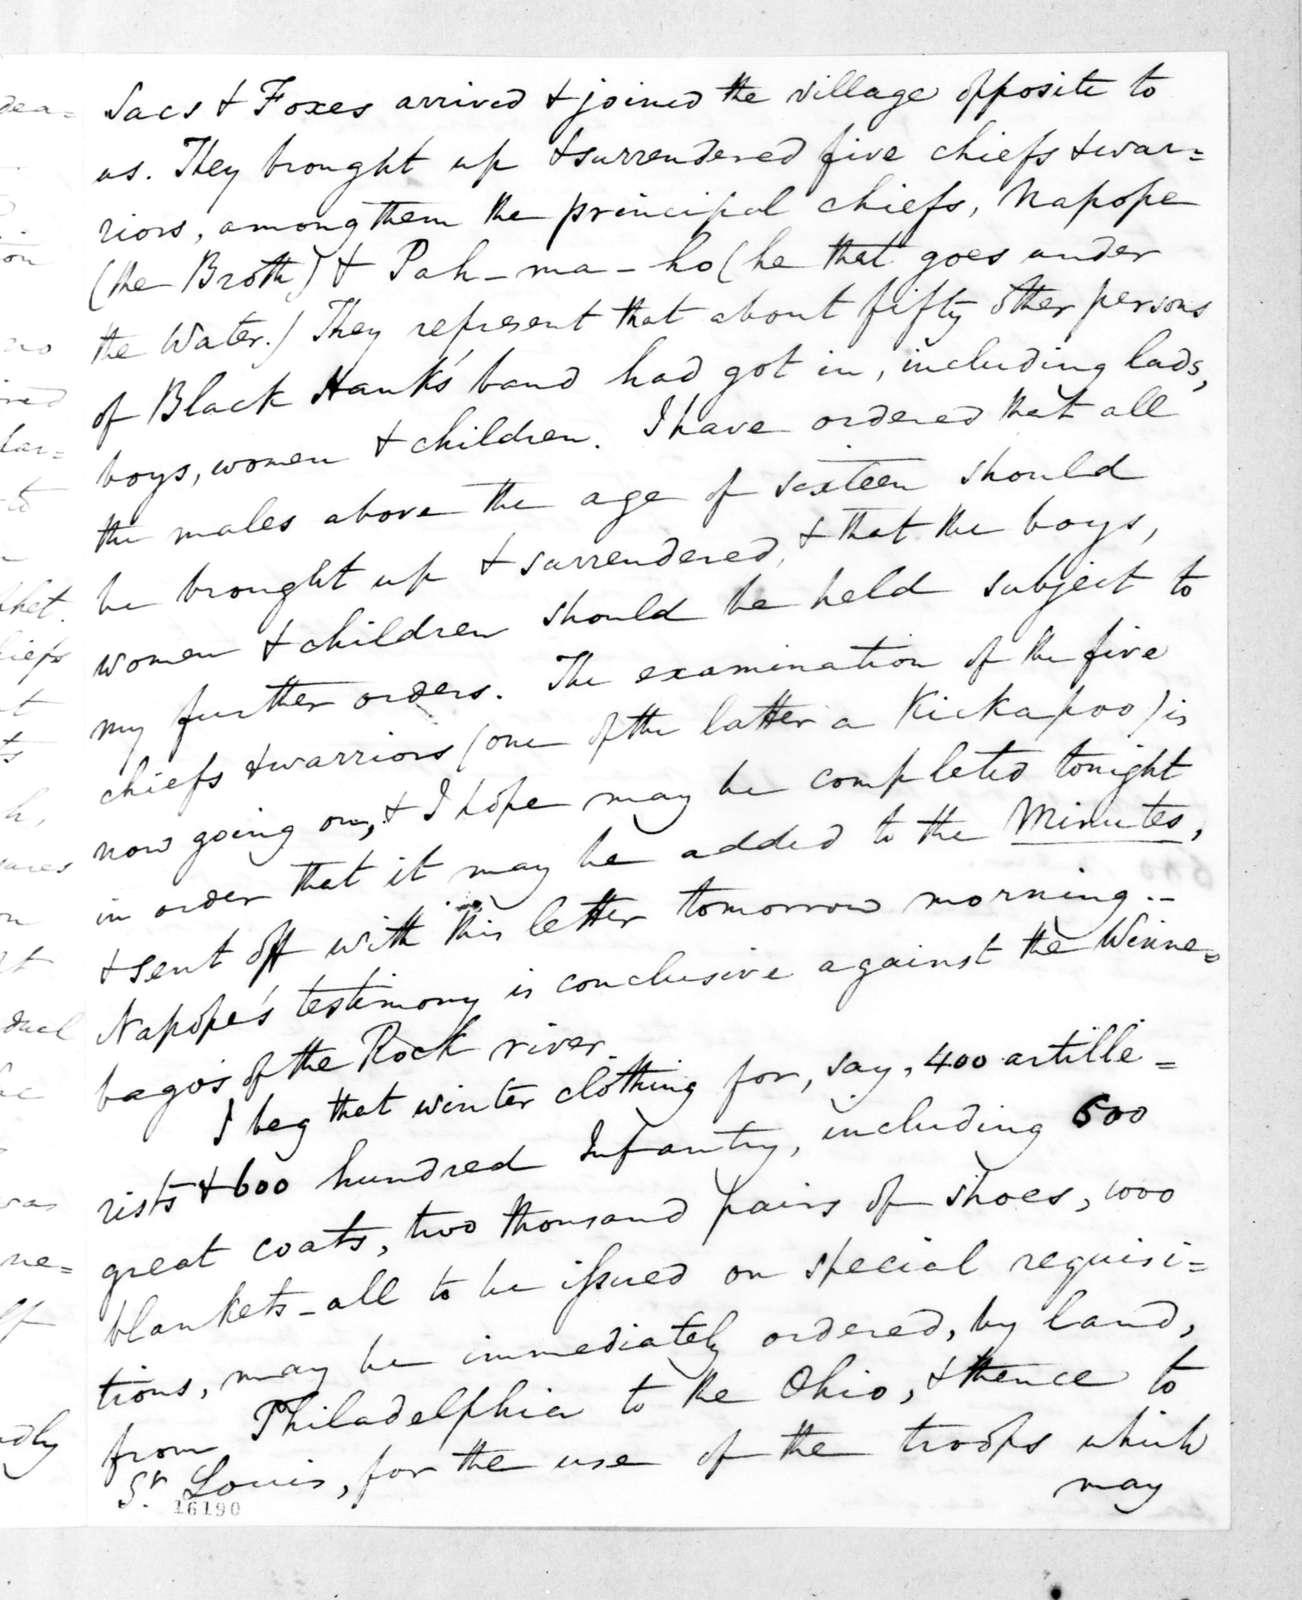 Winfield Scott to Lewis Cass, August 29, 1832